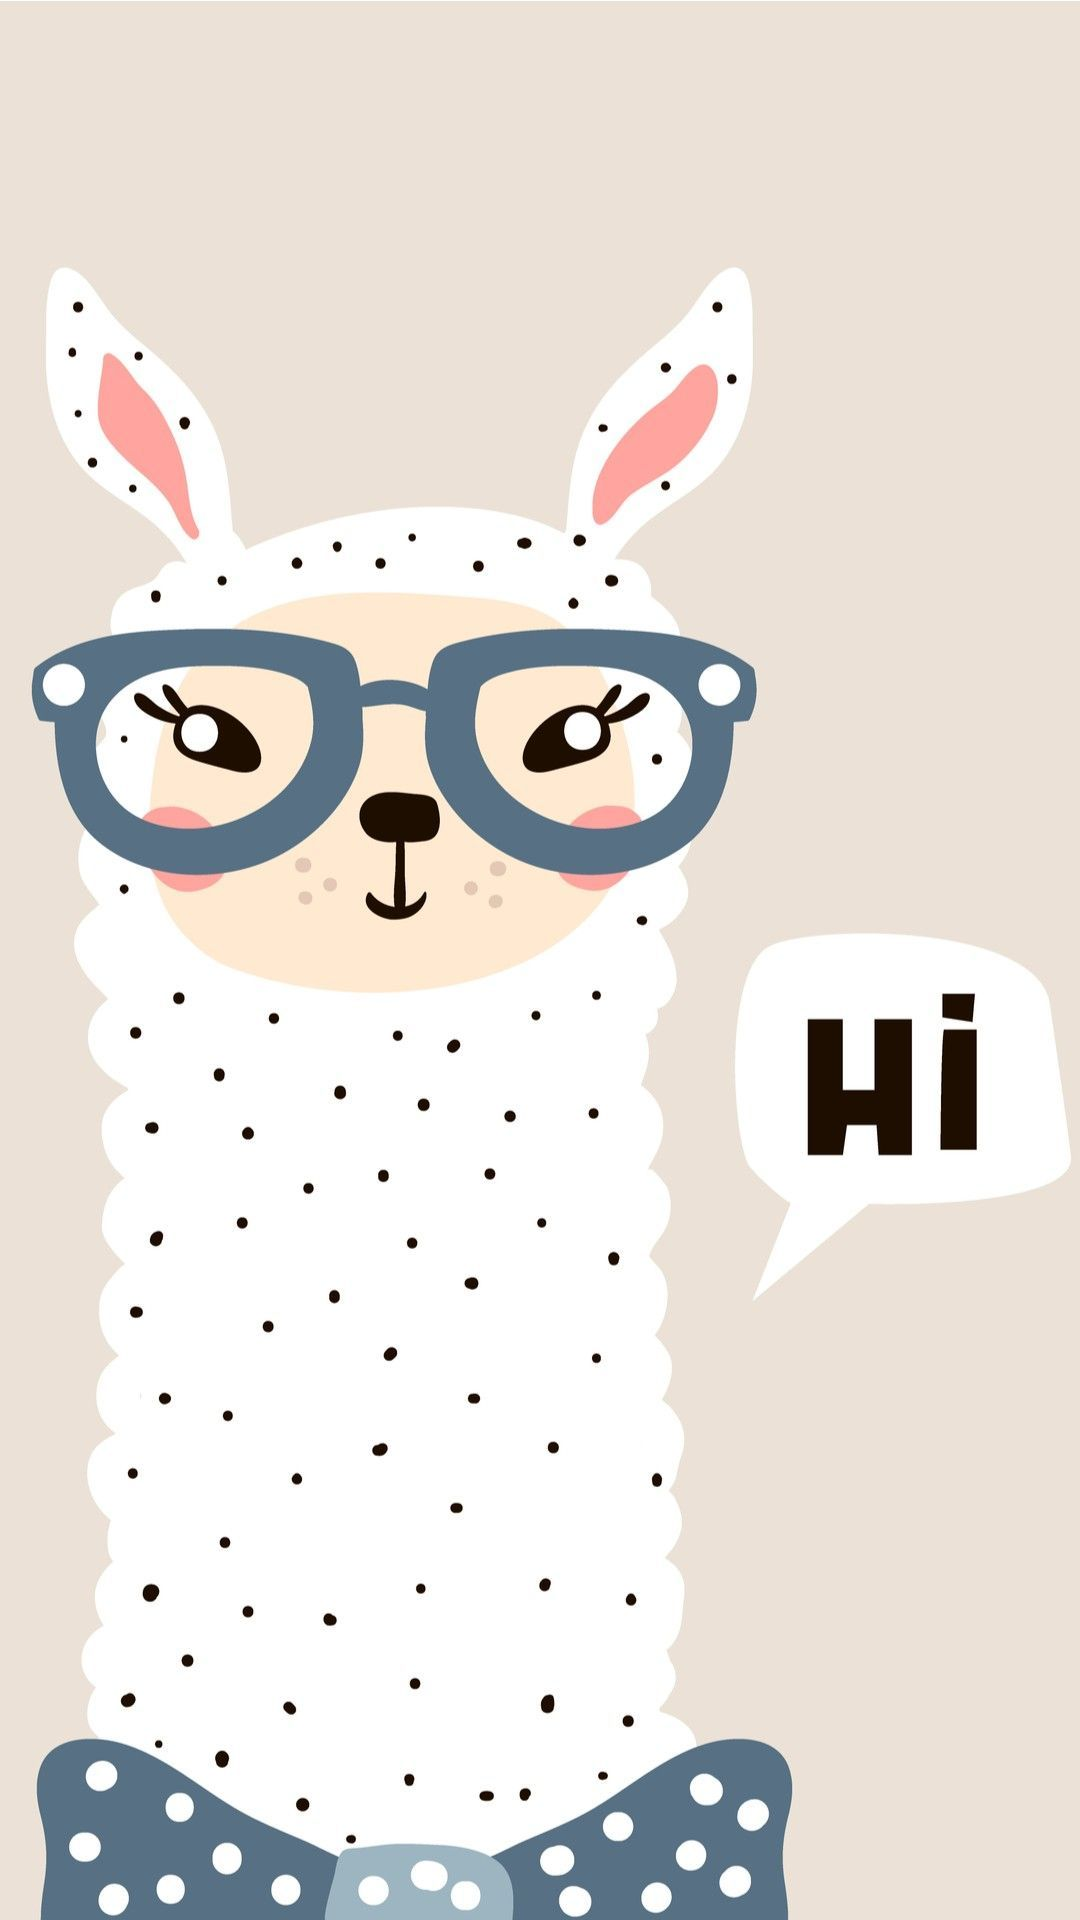 For The Love Of Llamas 10 Cutesy Llama Iphone Wallpapers Cute Wallpapers Iphone Wallpaper Cute Llama